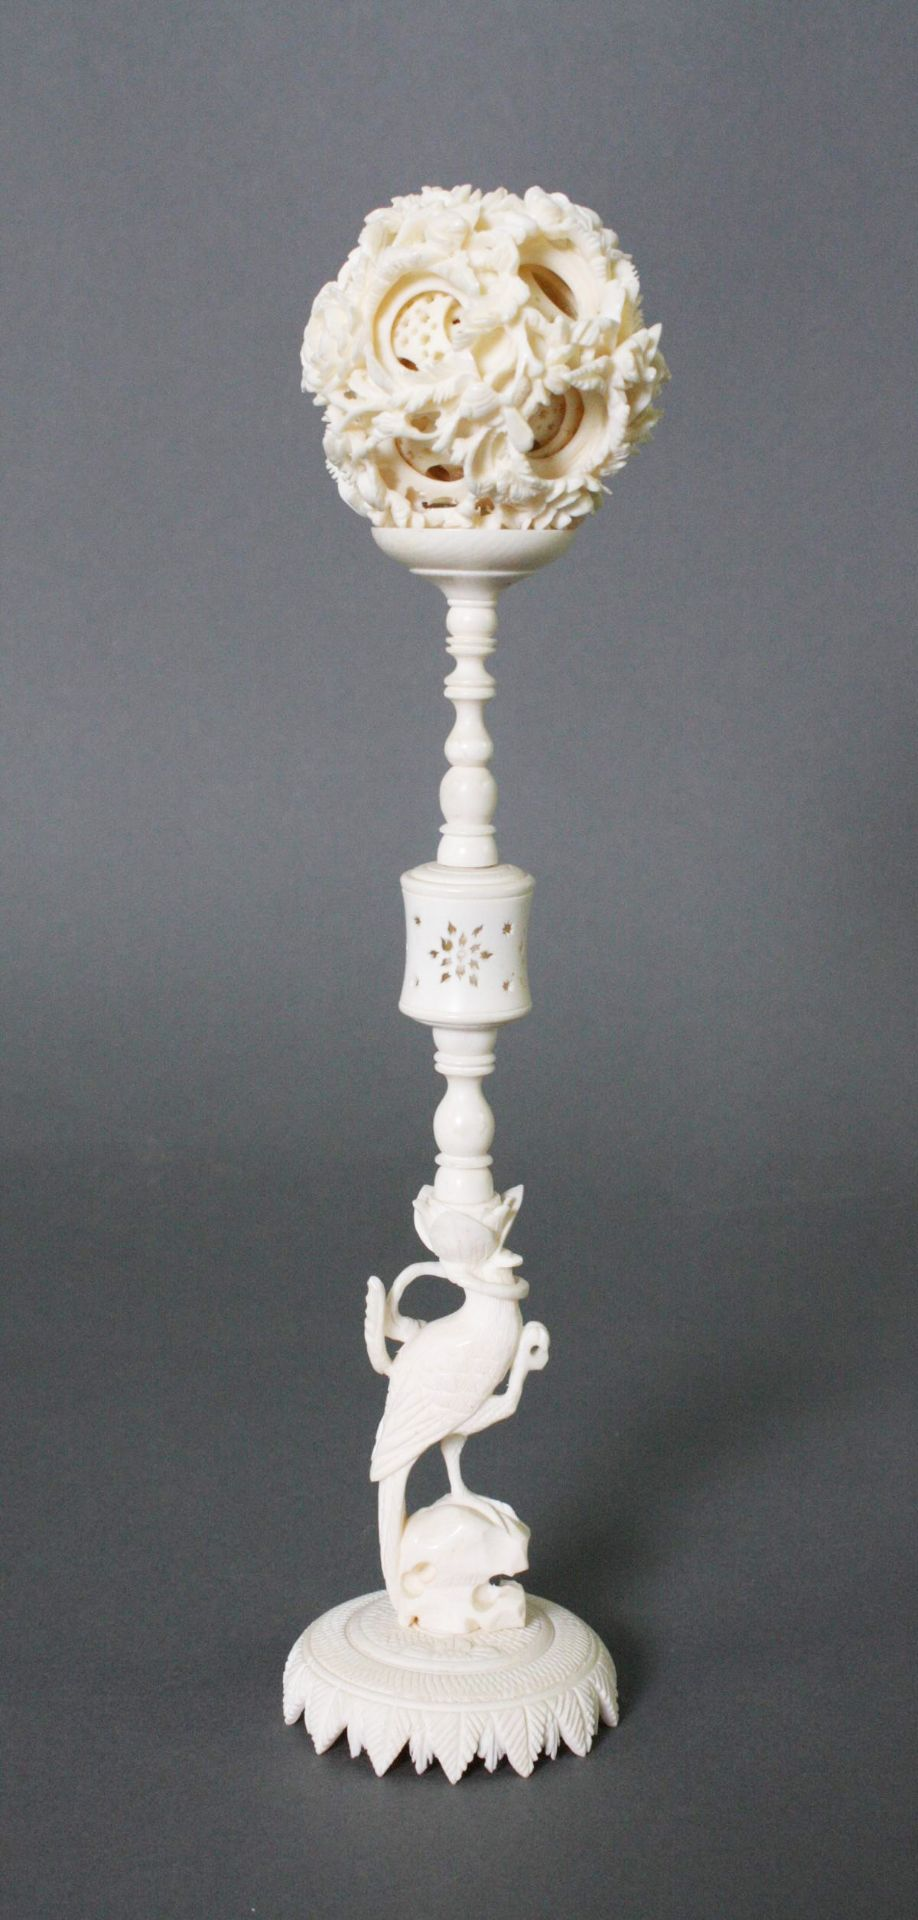 Elfenbein-Sphärenkugel auf Ständer, China Anfang 20. Jahrhundert - Bild 2 aus 4